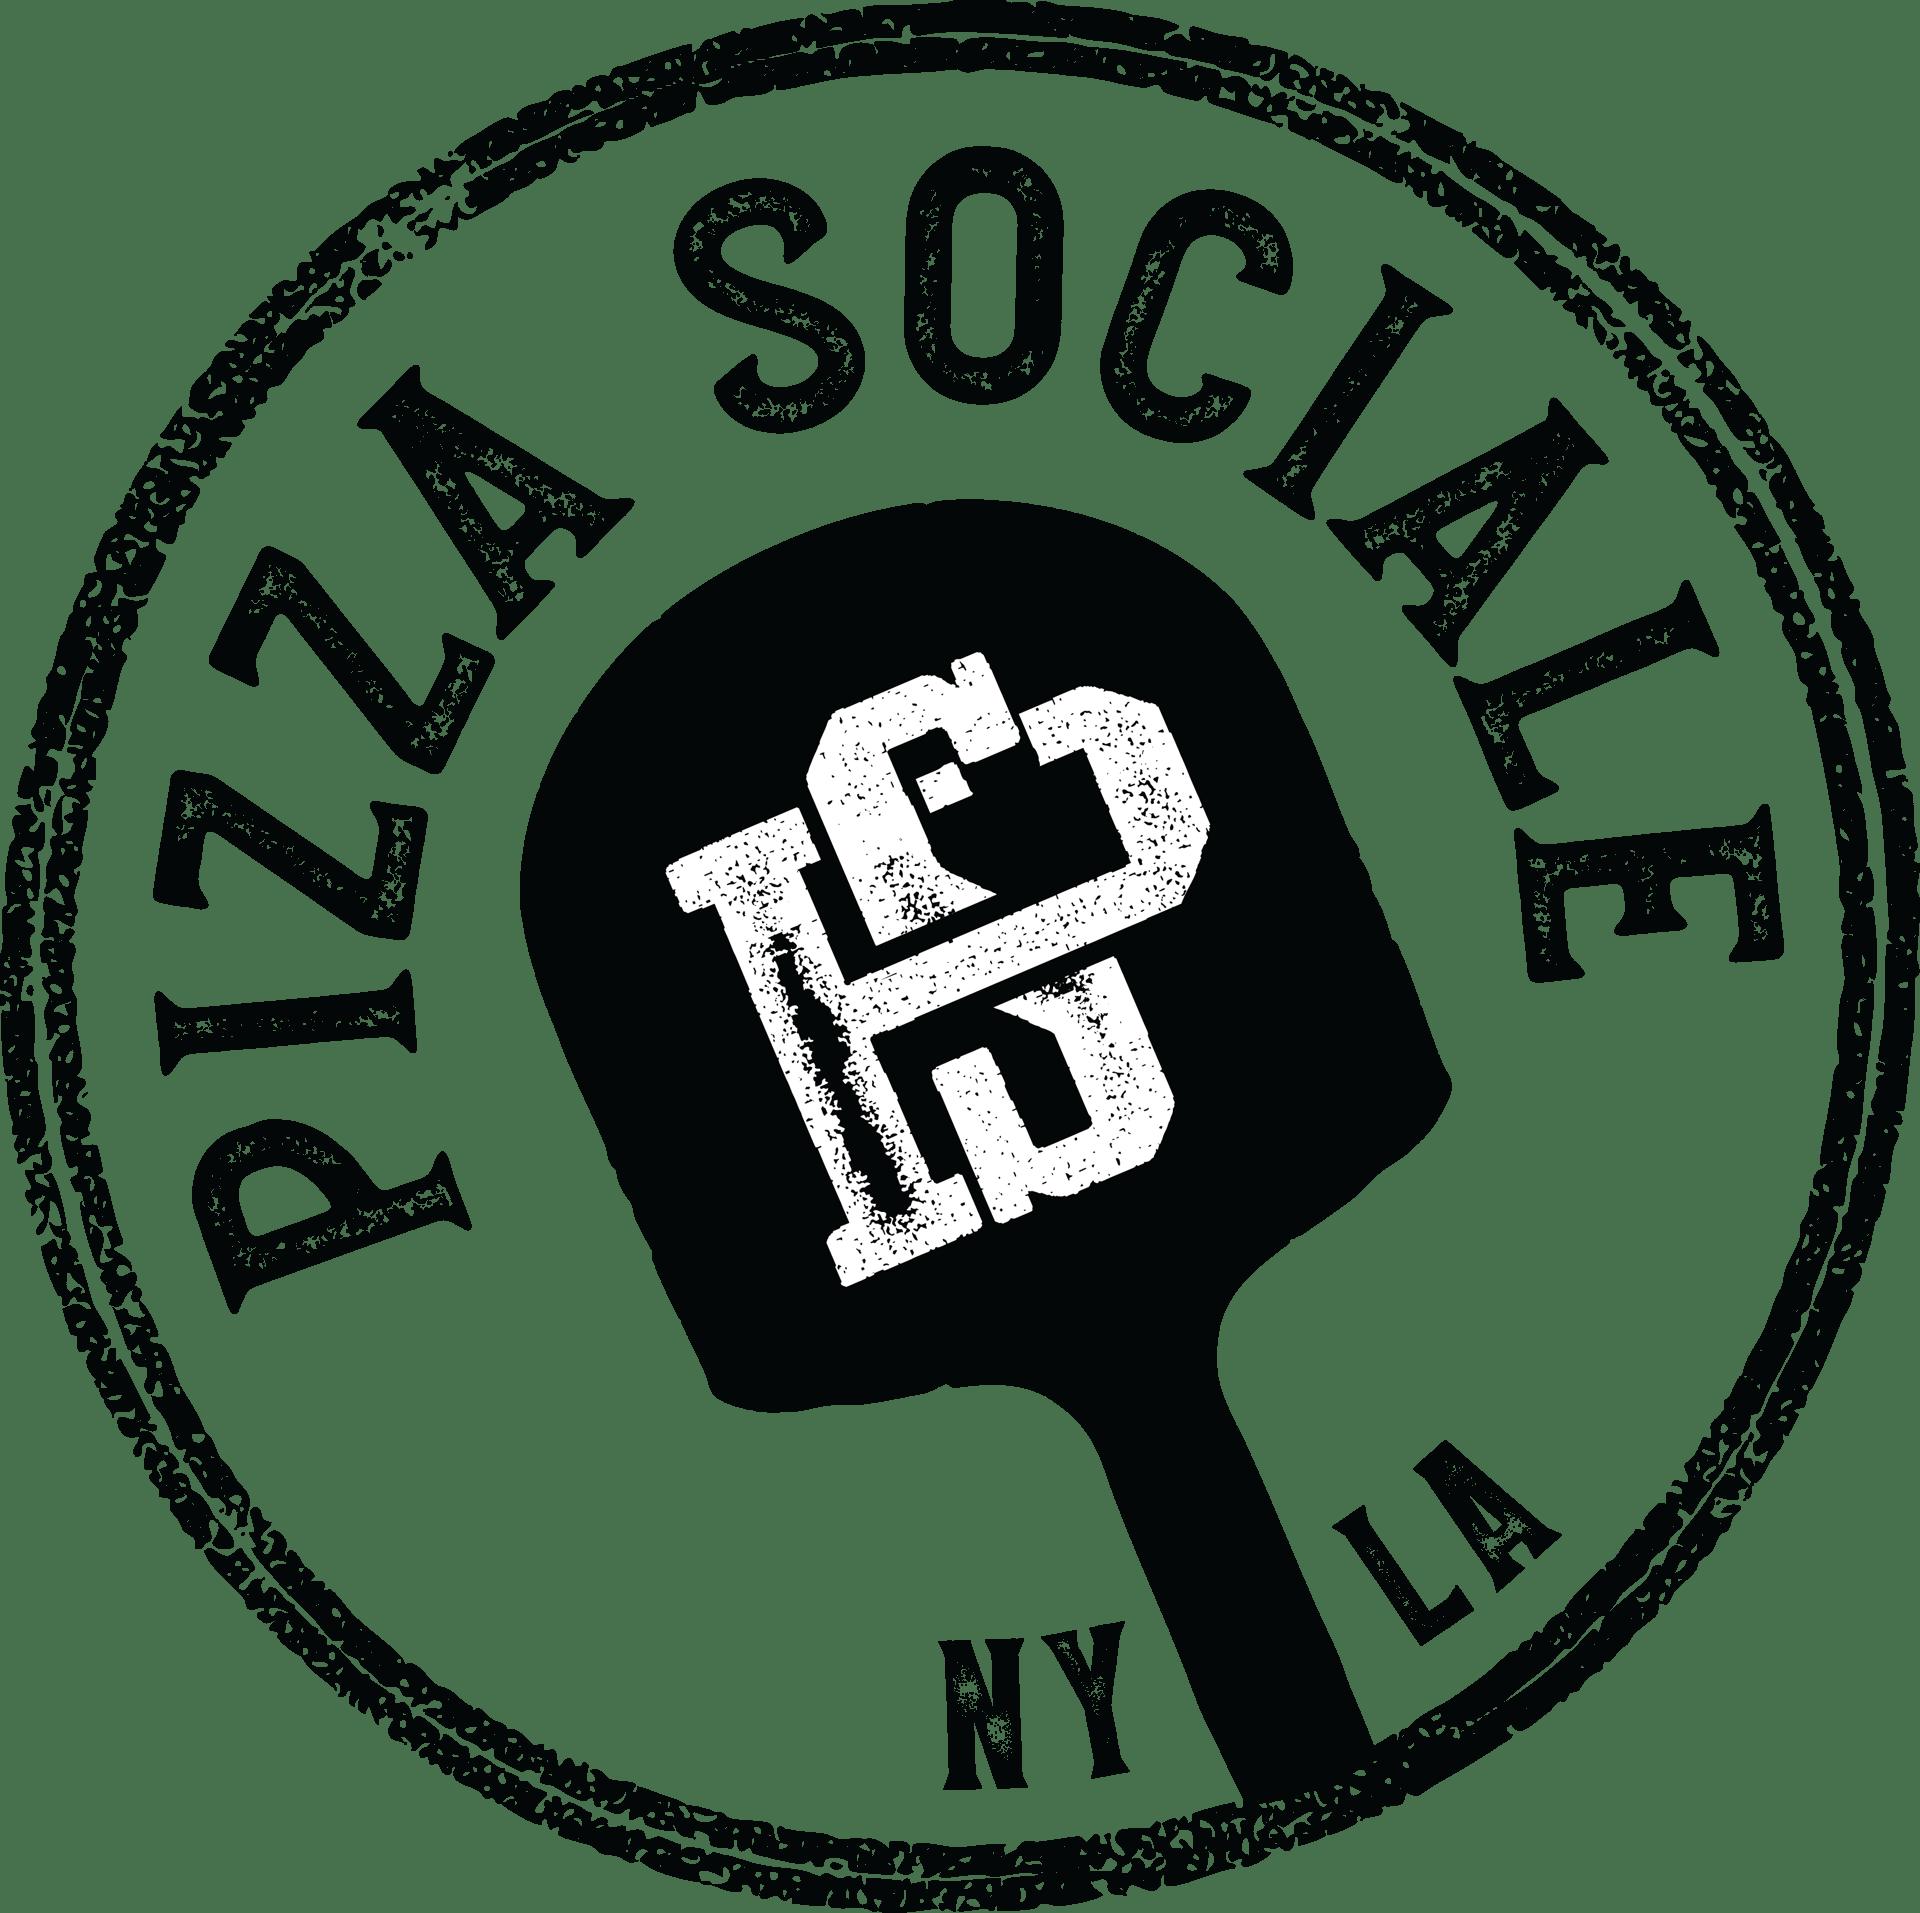 Pizza Sociale NY LA